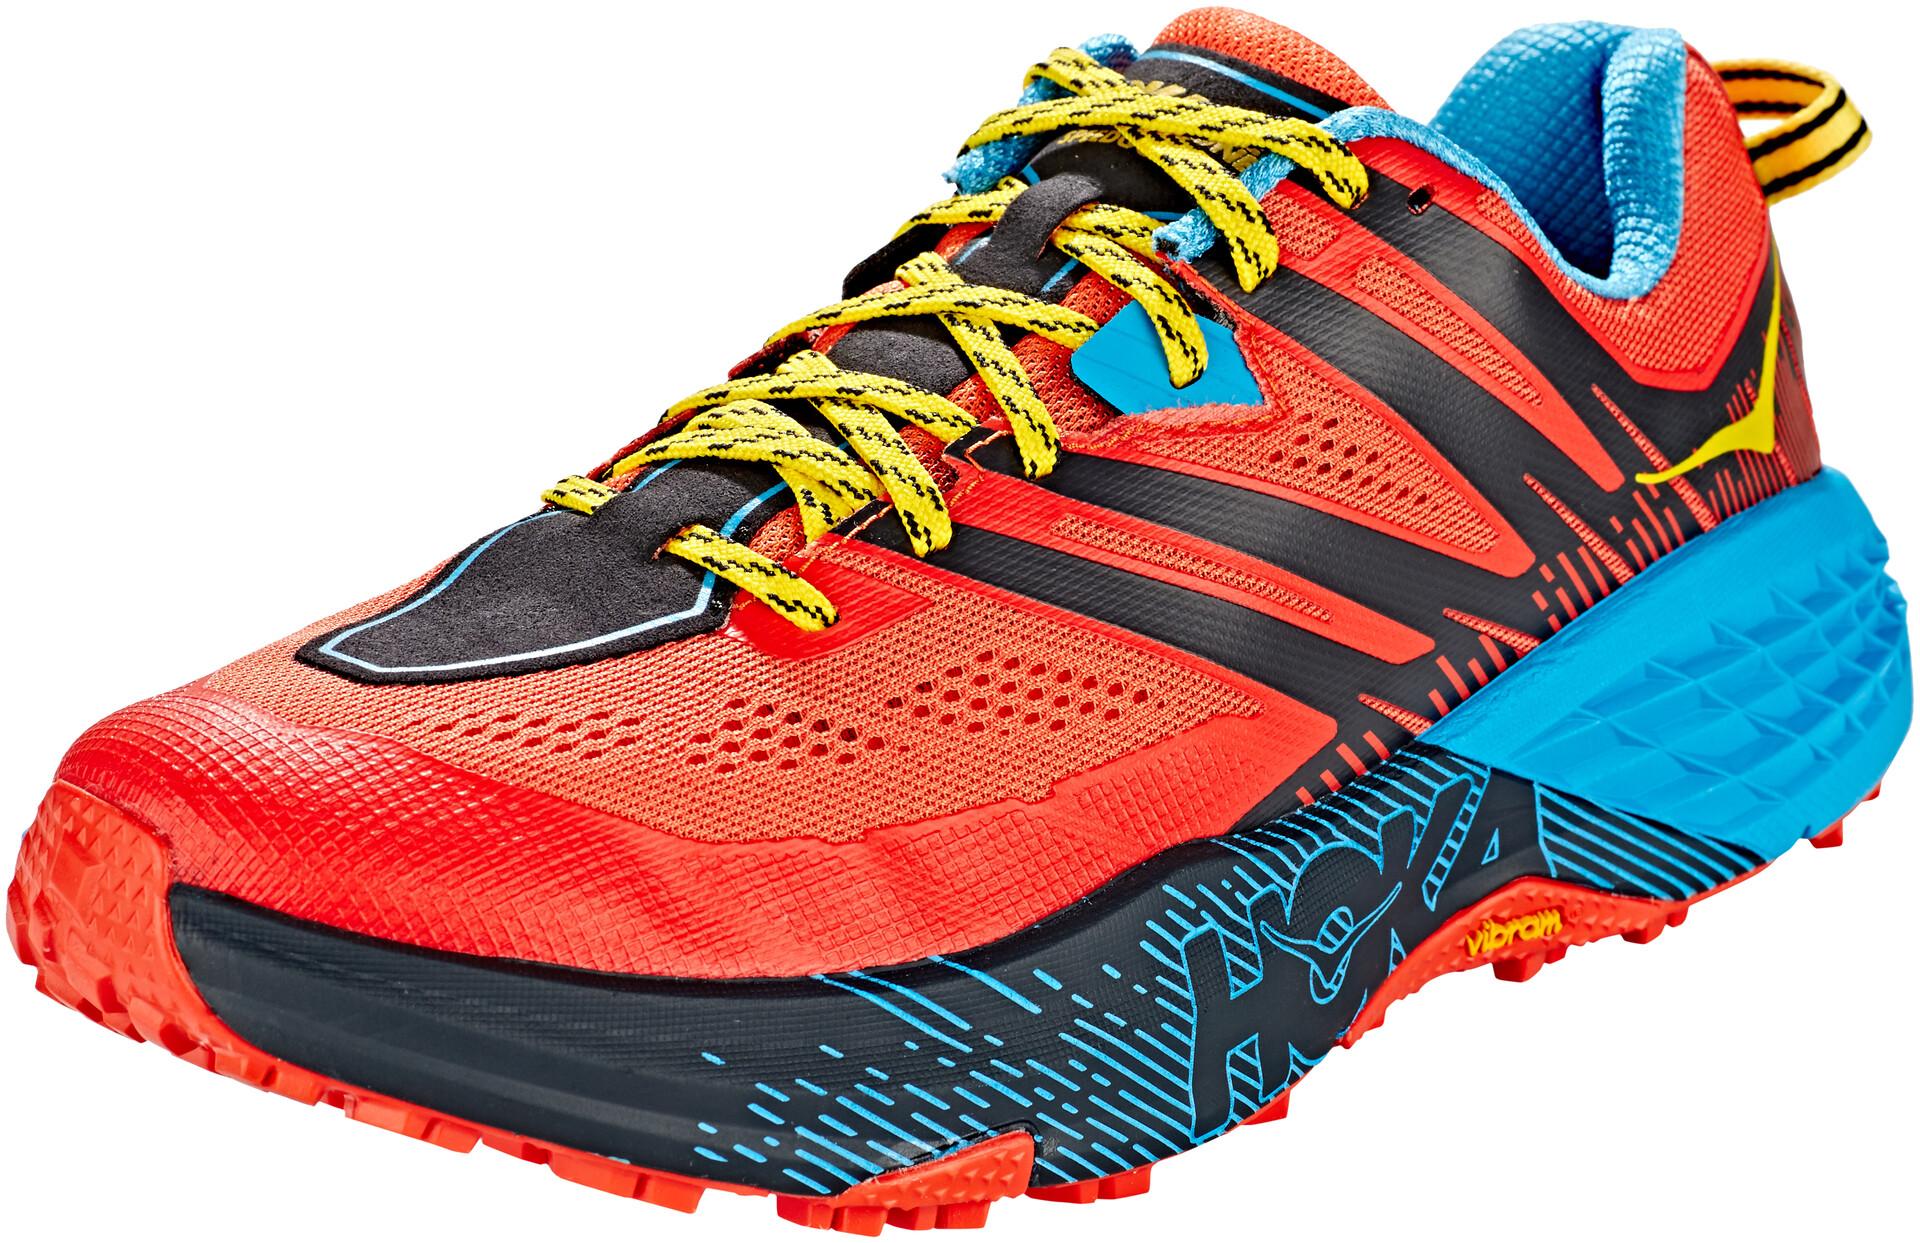 Hoka HommeNasturtiumspicy One Chaussures 3 Trail Speedgoat De Orange nP0wO8k